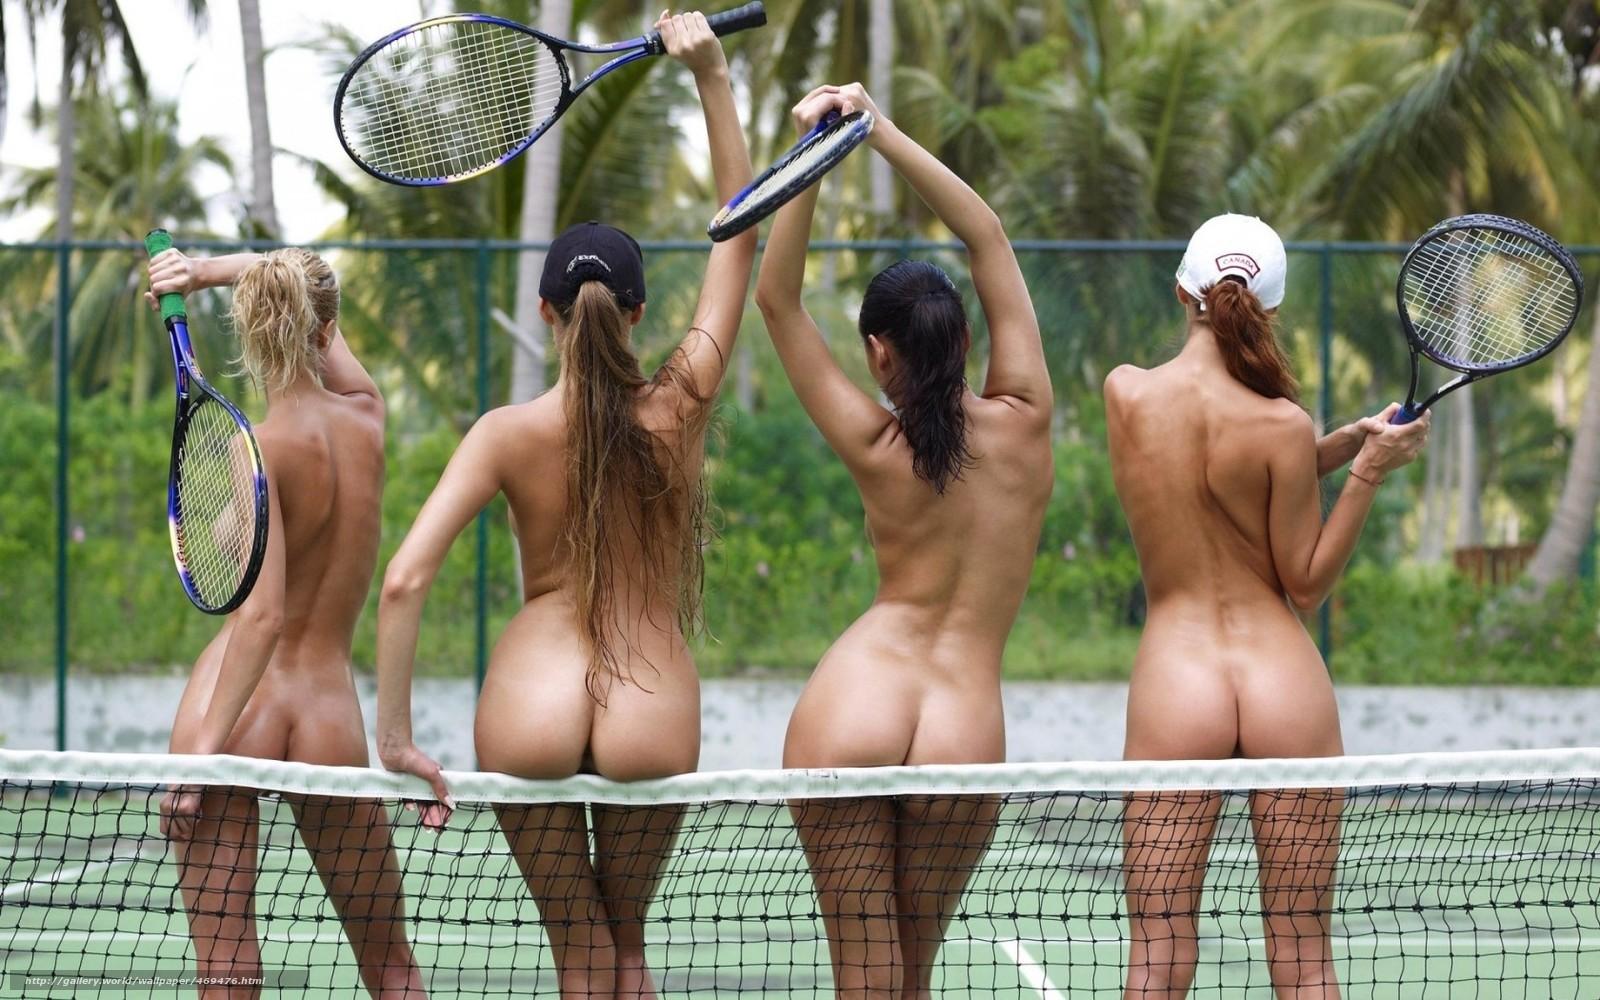 Тетки в спорте фото 17 фотография